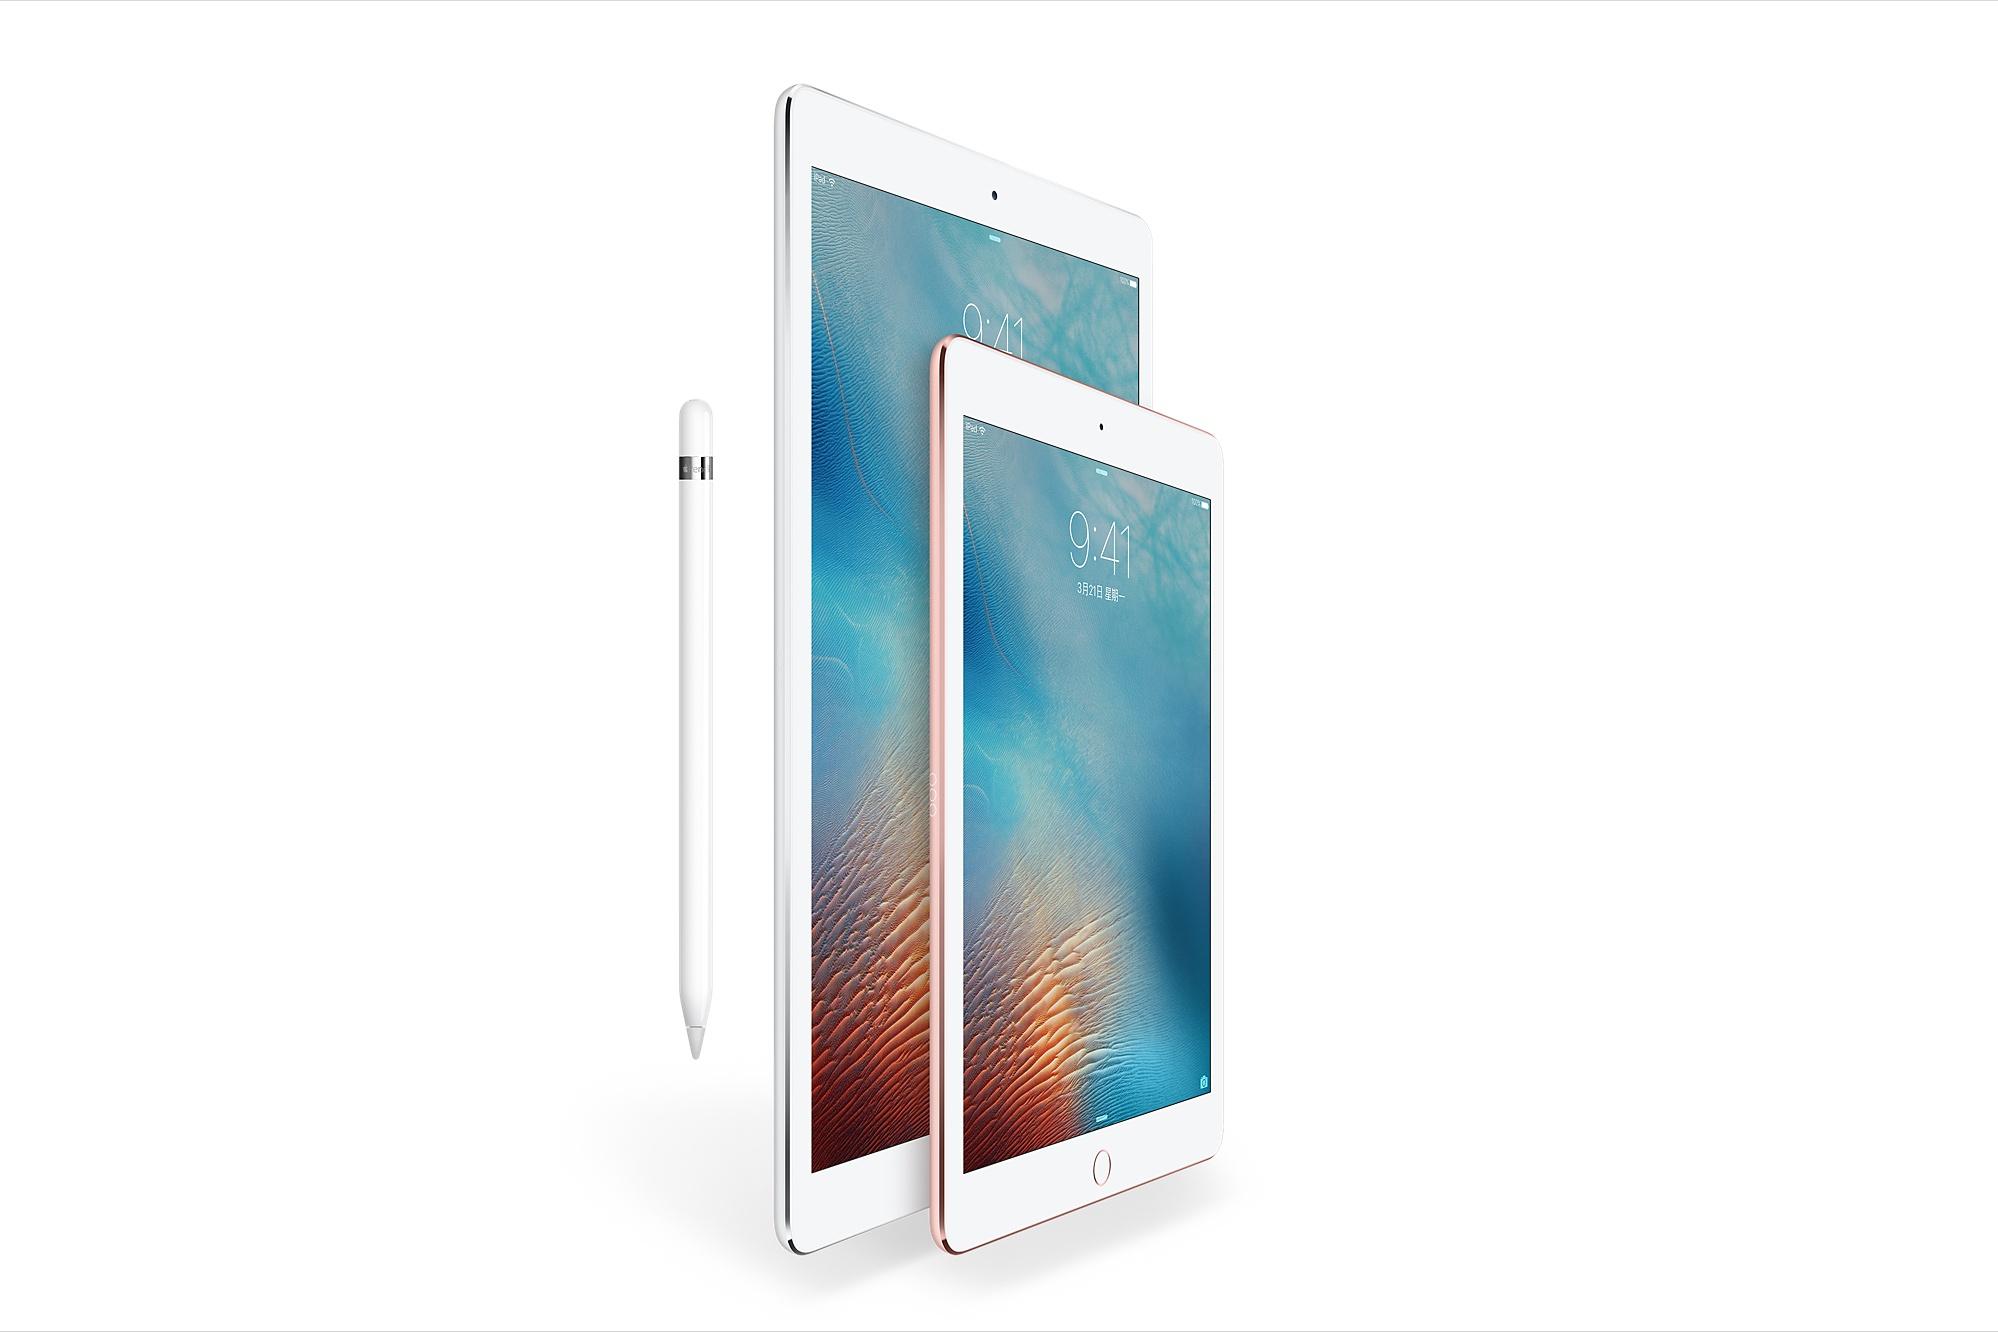 2021款iPad Pro初体验:M1性能强劲,屏幕背光翻车严重